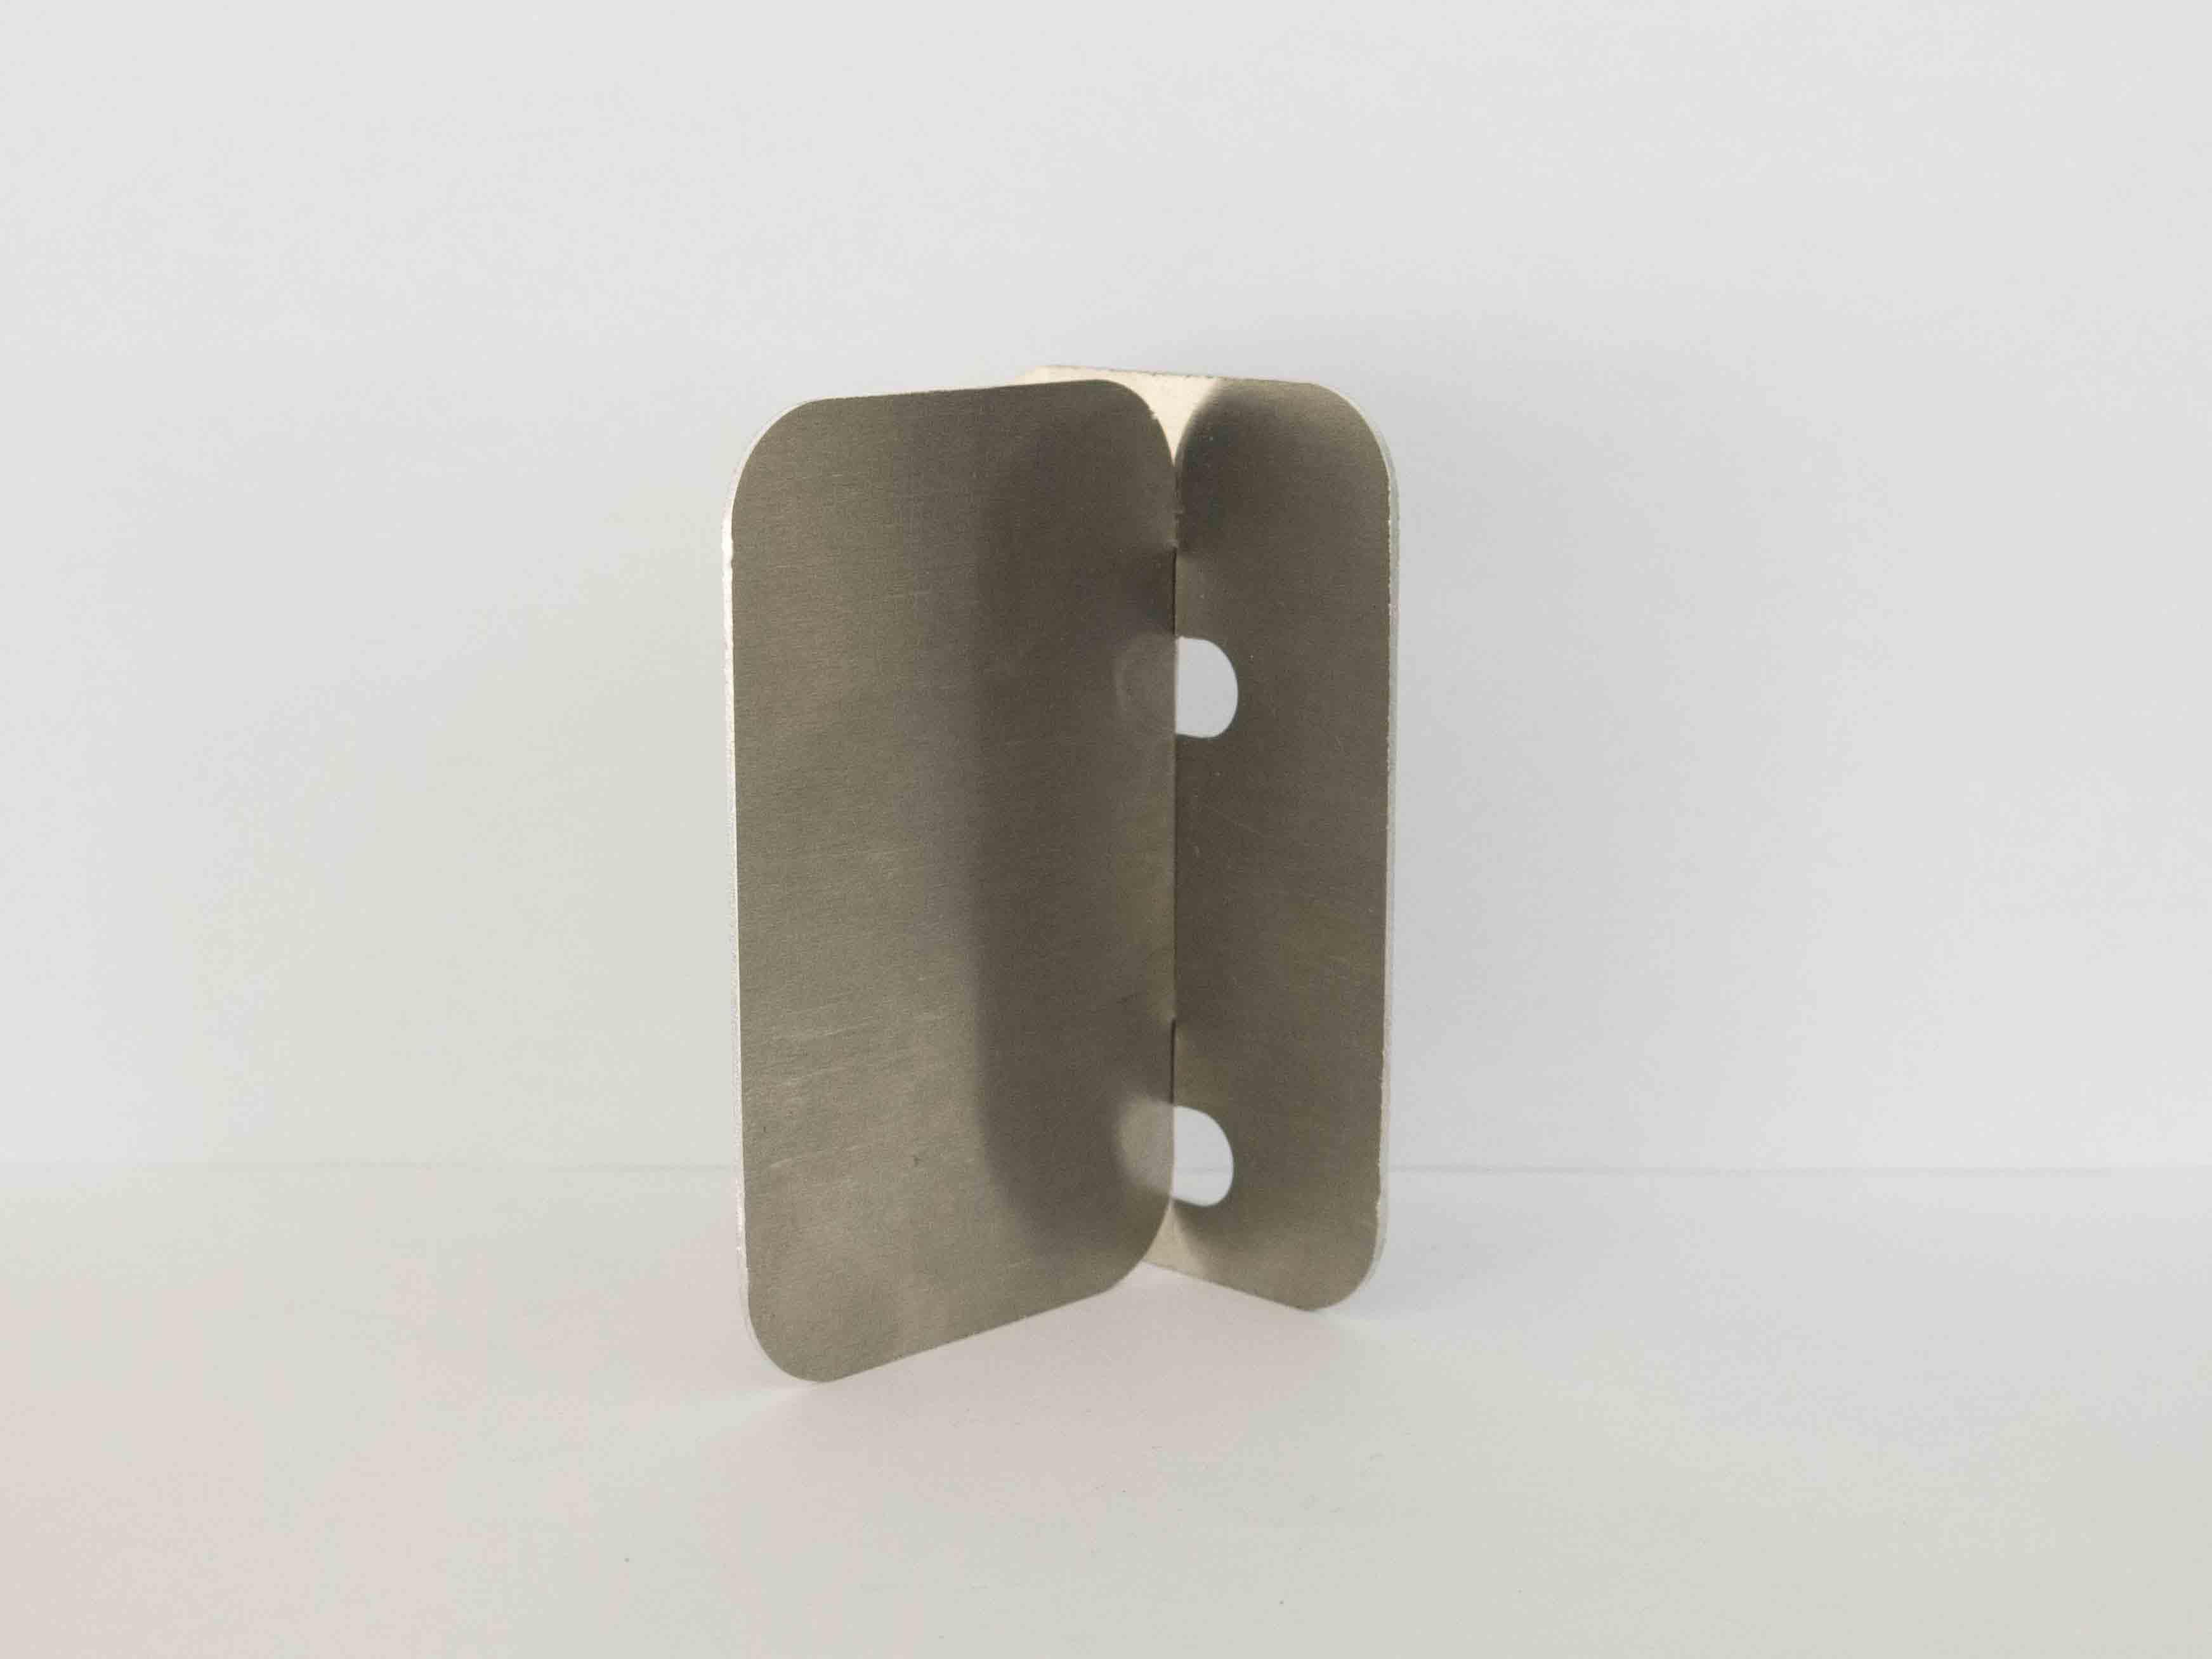 laser cut metal fastening clips side